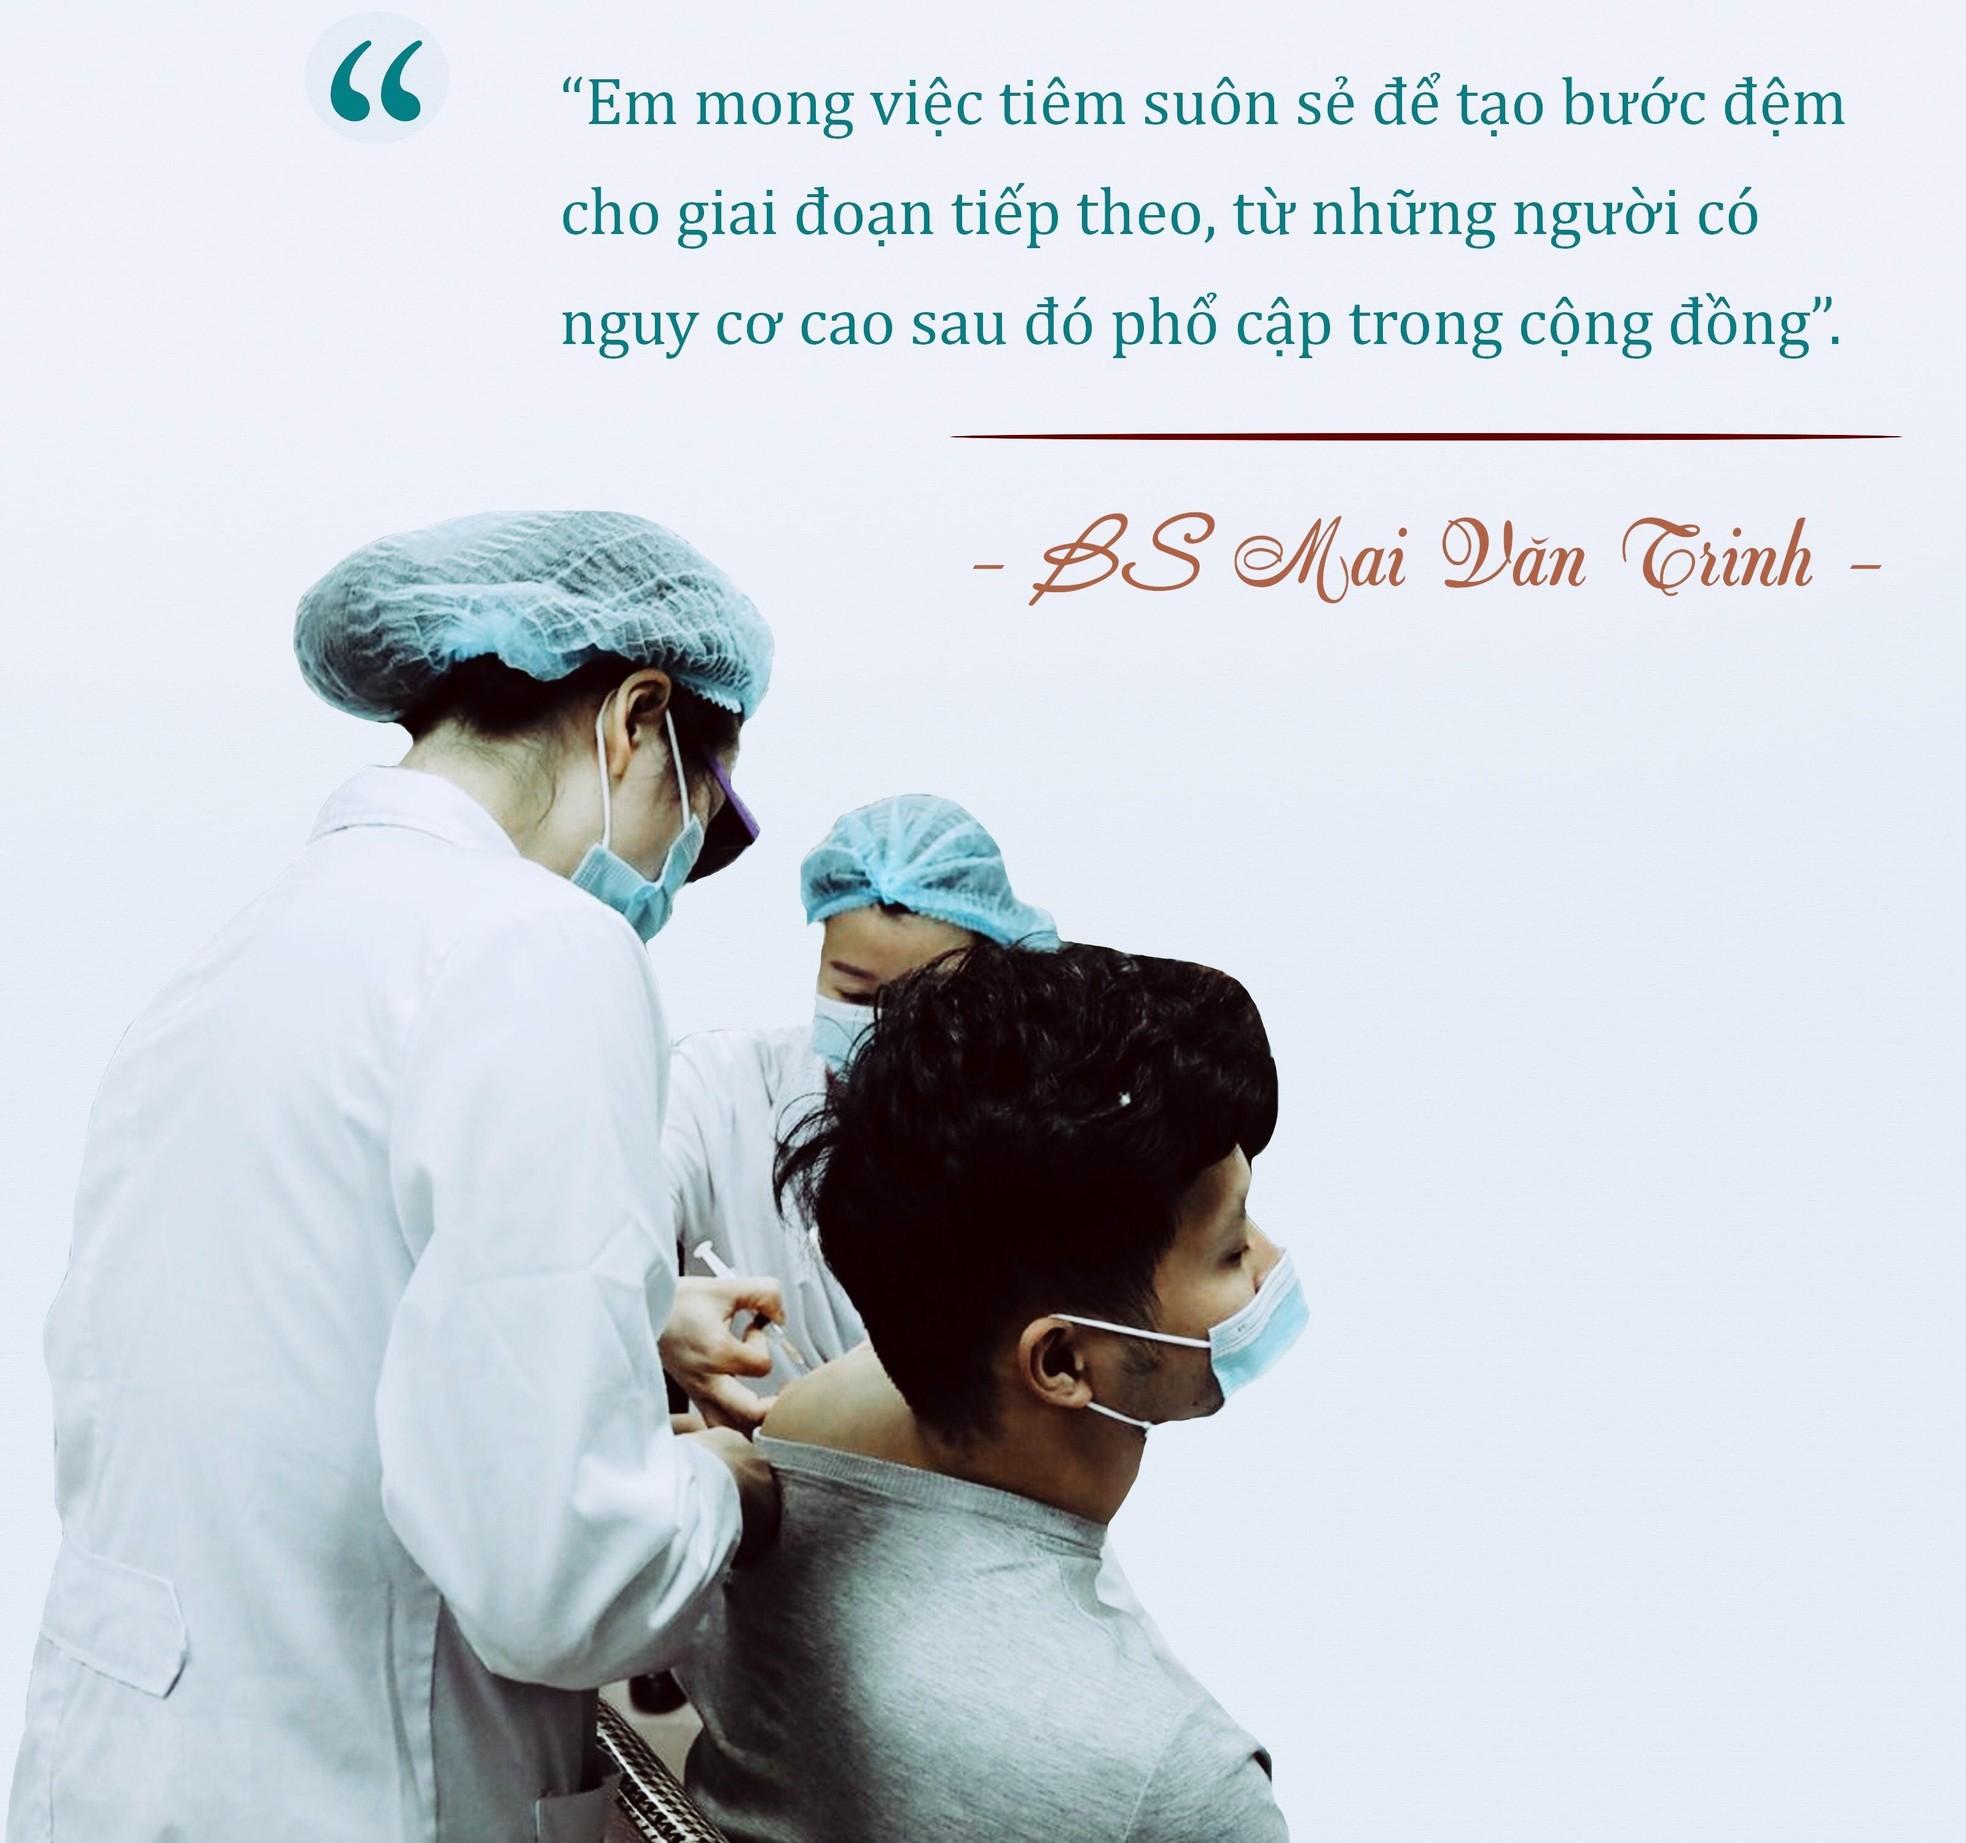 Việt Nam triển khai tiêm vaccine phòng COVID-19: Hào hứng và hồi hộp! ảnh 7